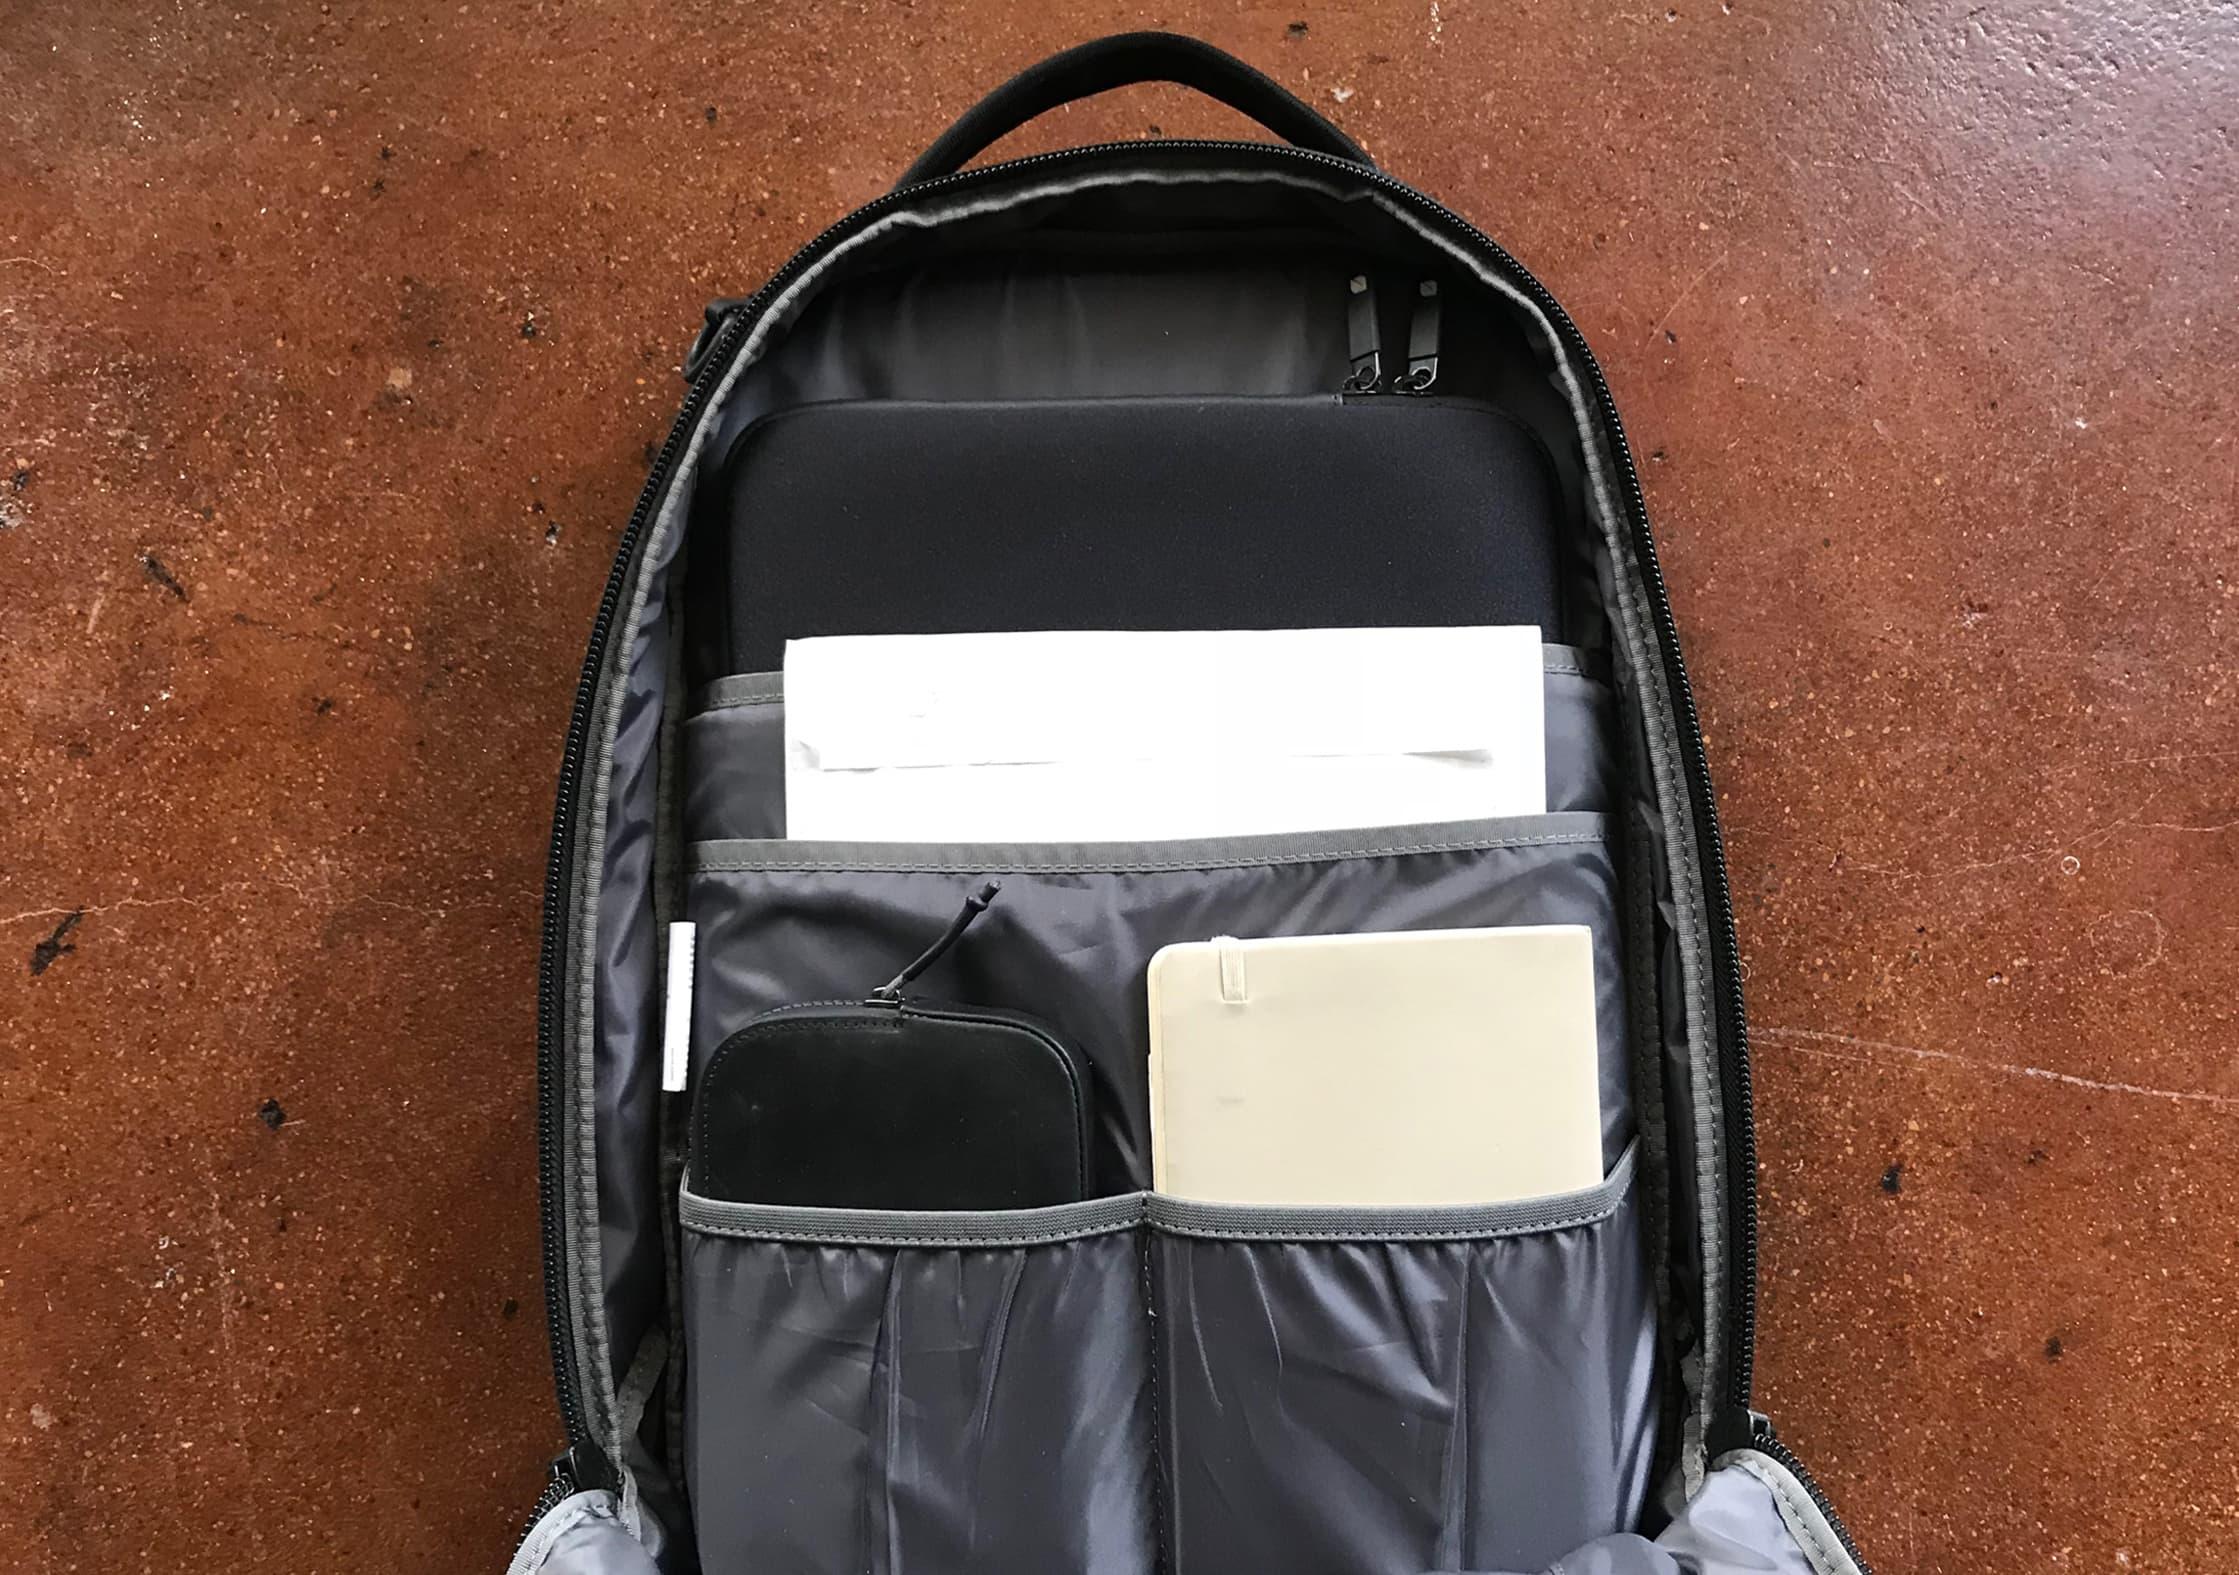 Aer Flight Pack Clamshell Organization Pockets